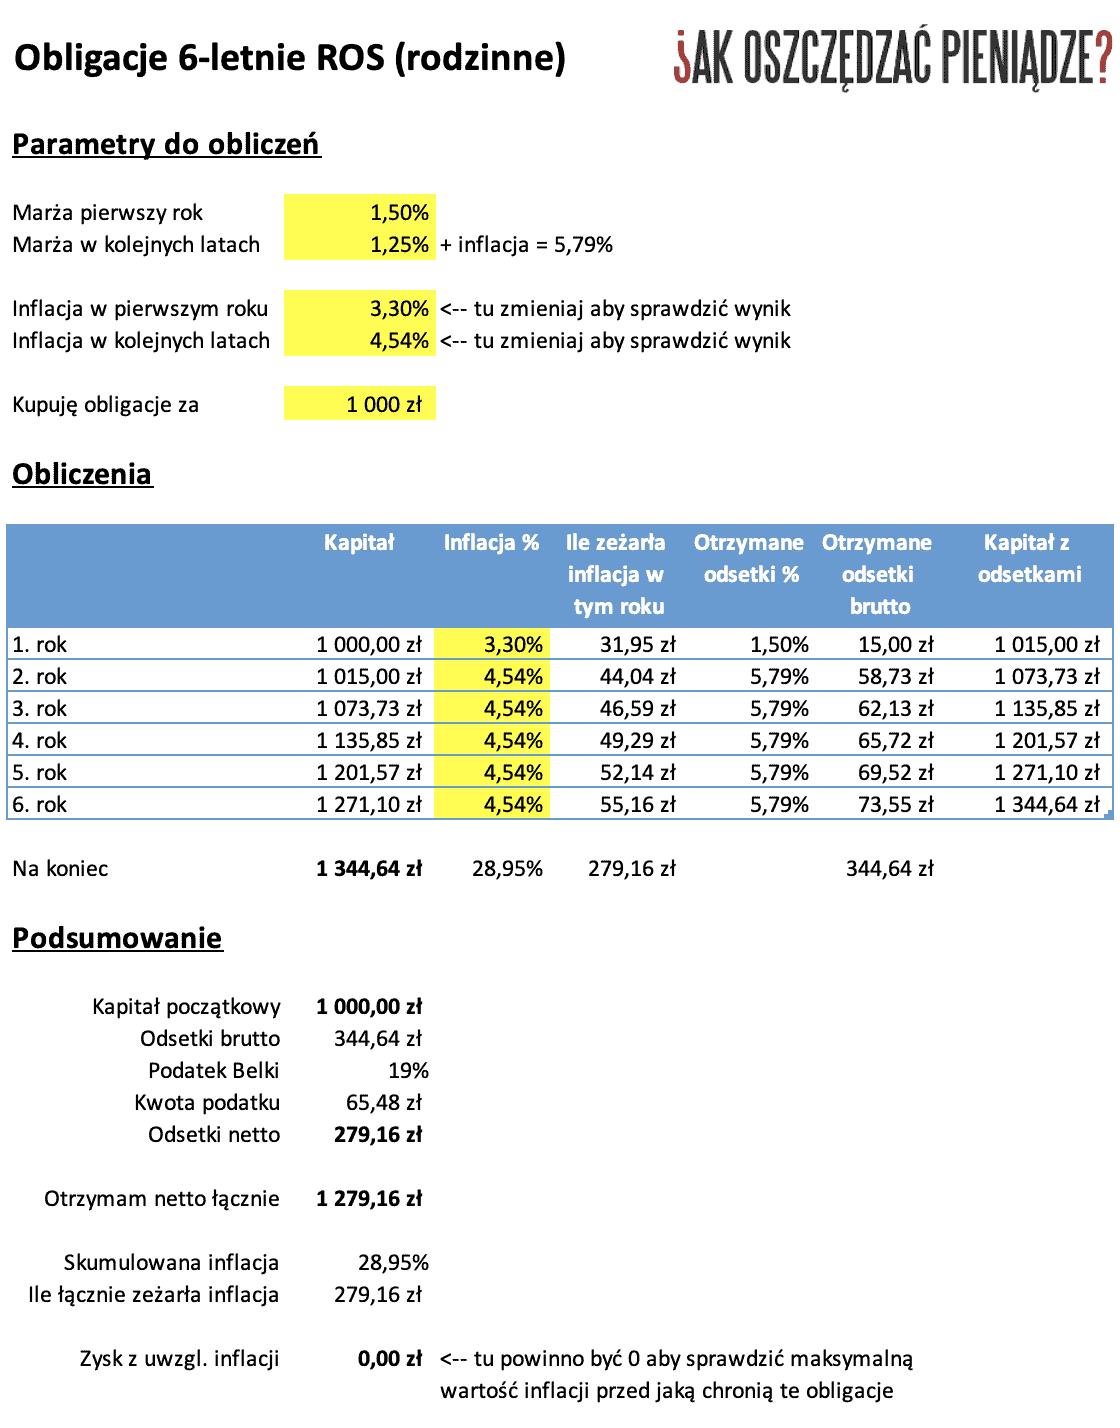 Obligacje 6-letnie ROS 2020